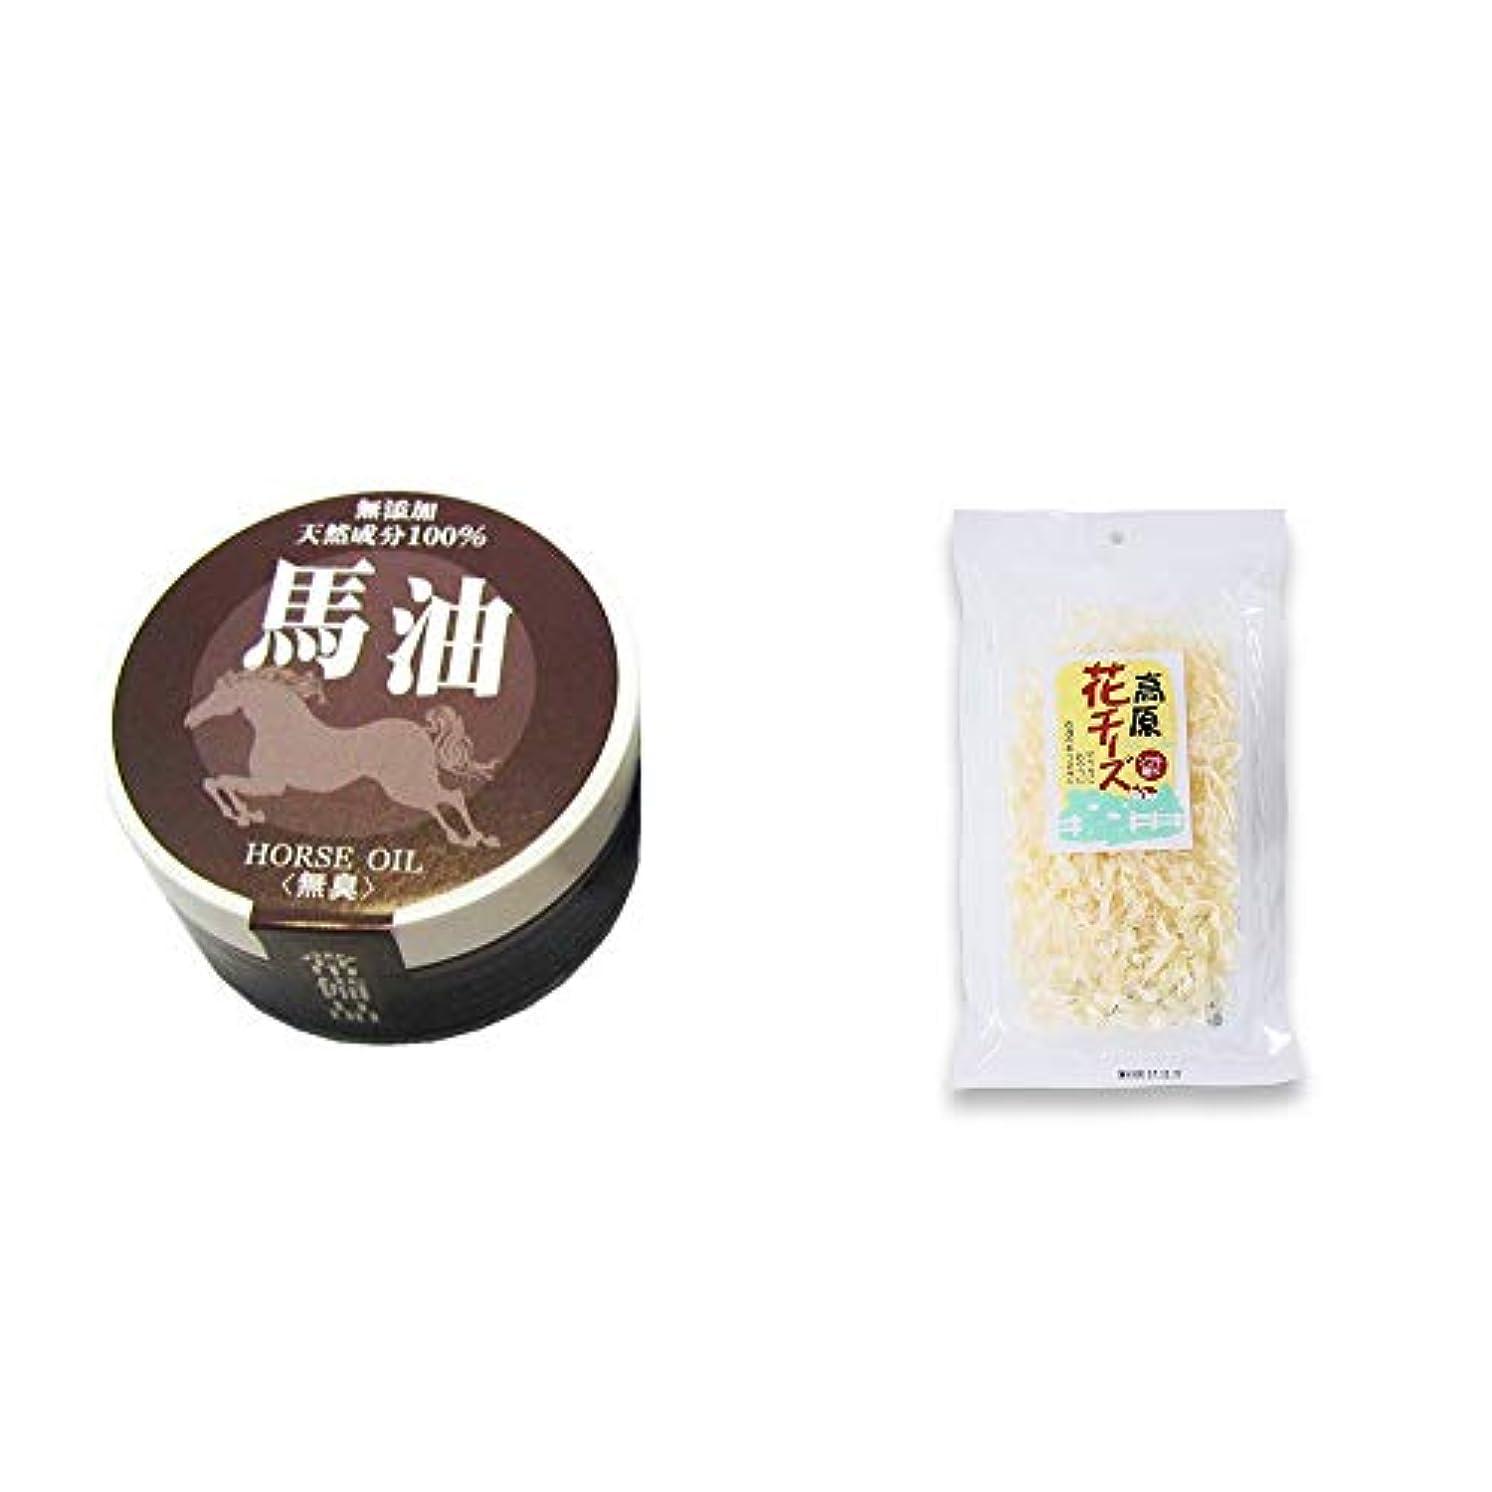 そのような多様な不健全[2点セット] 無添加天然成分100% 馬油[無香料](38g)?高原の花チーズ(56g)